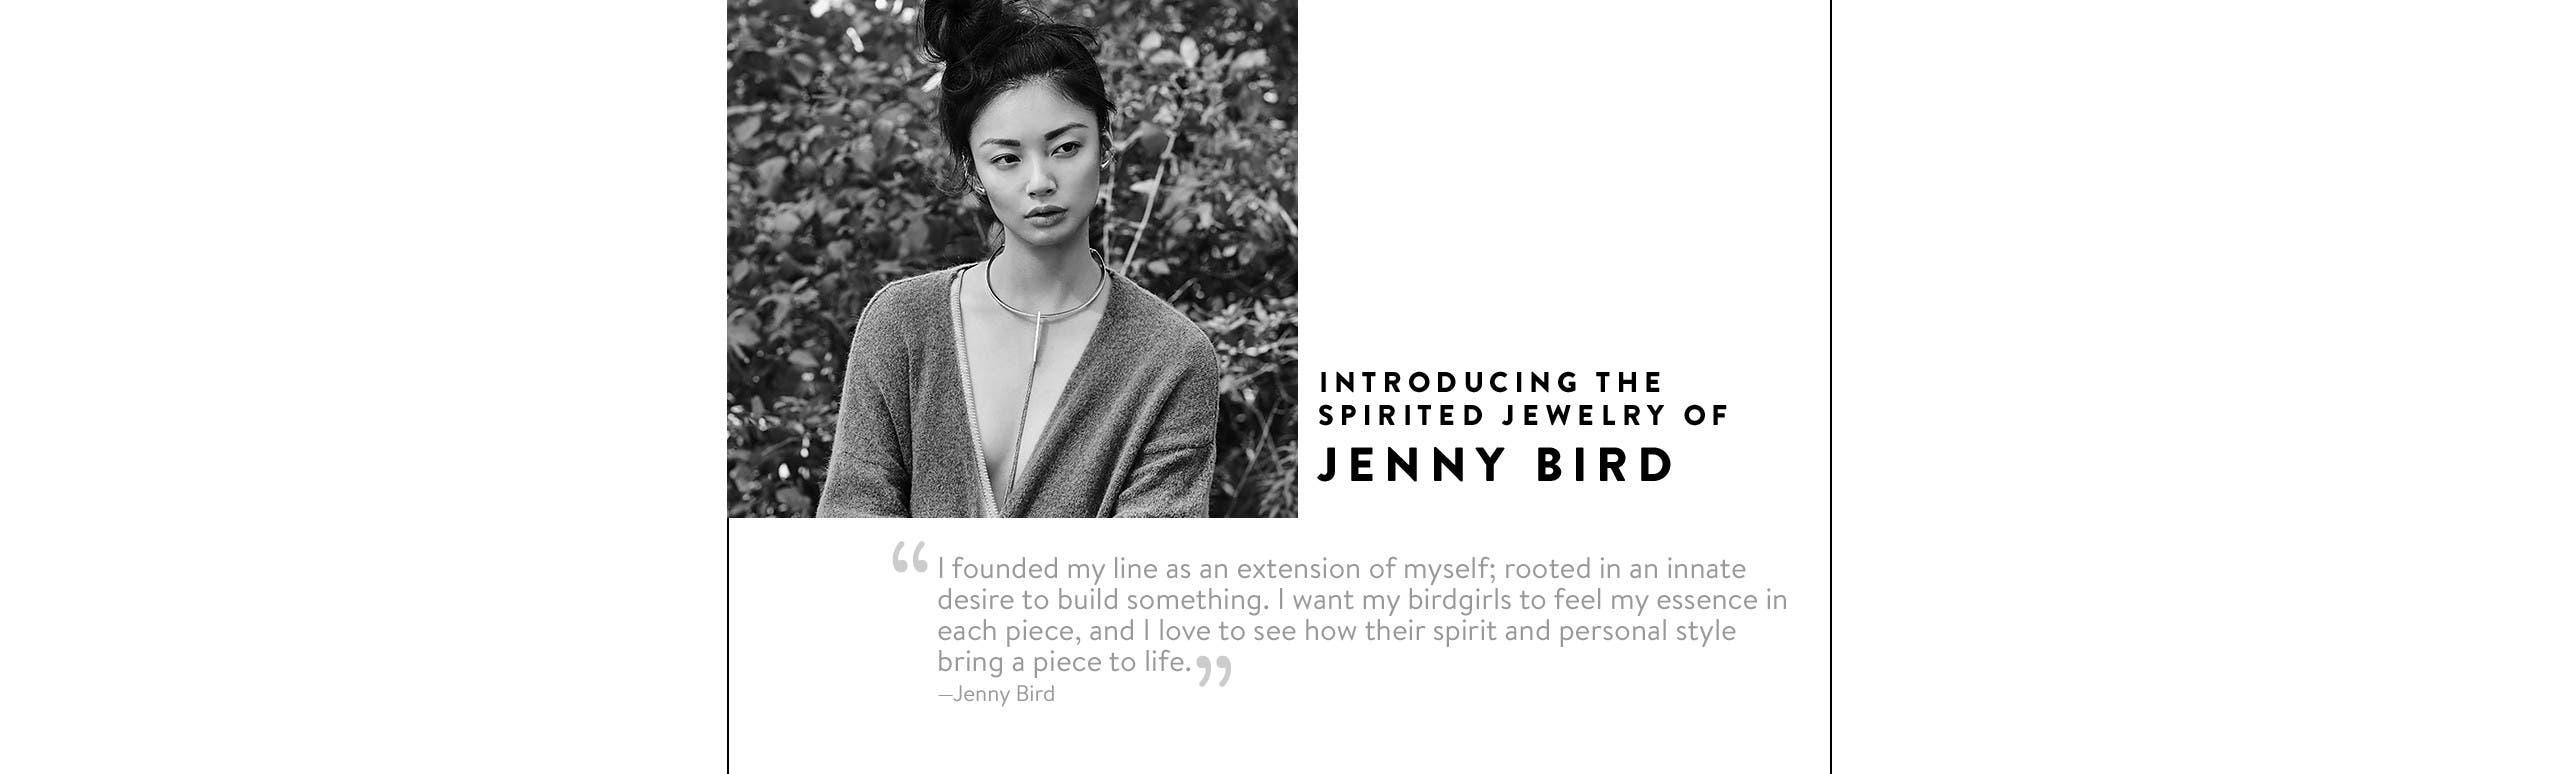 Jenny Bird jewelry.